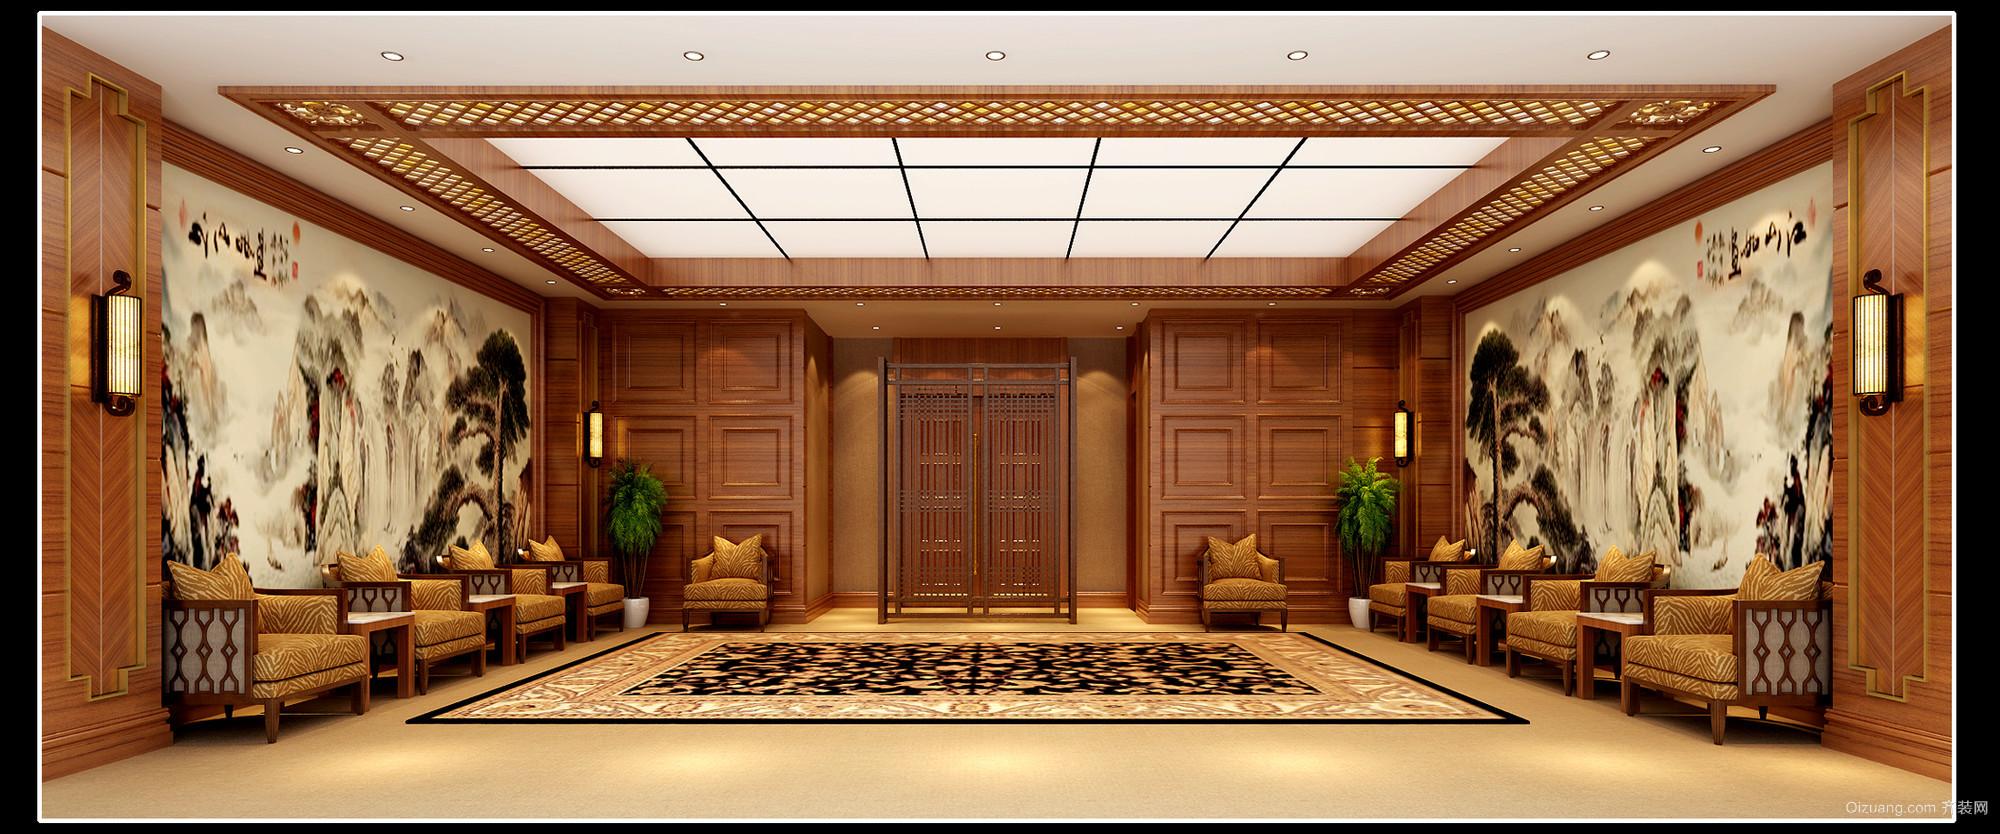 星级酒店其他装修效果图实景图